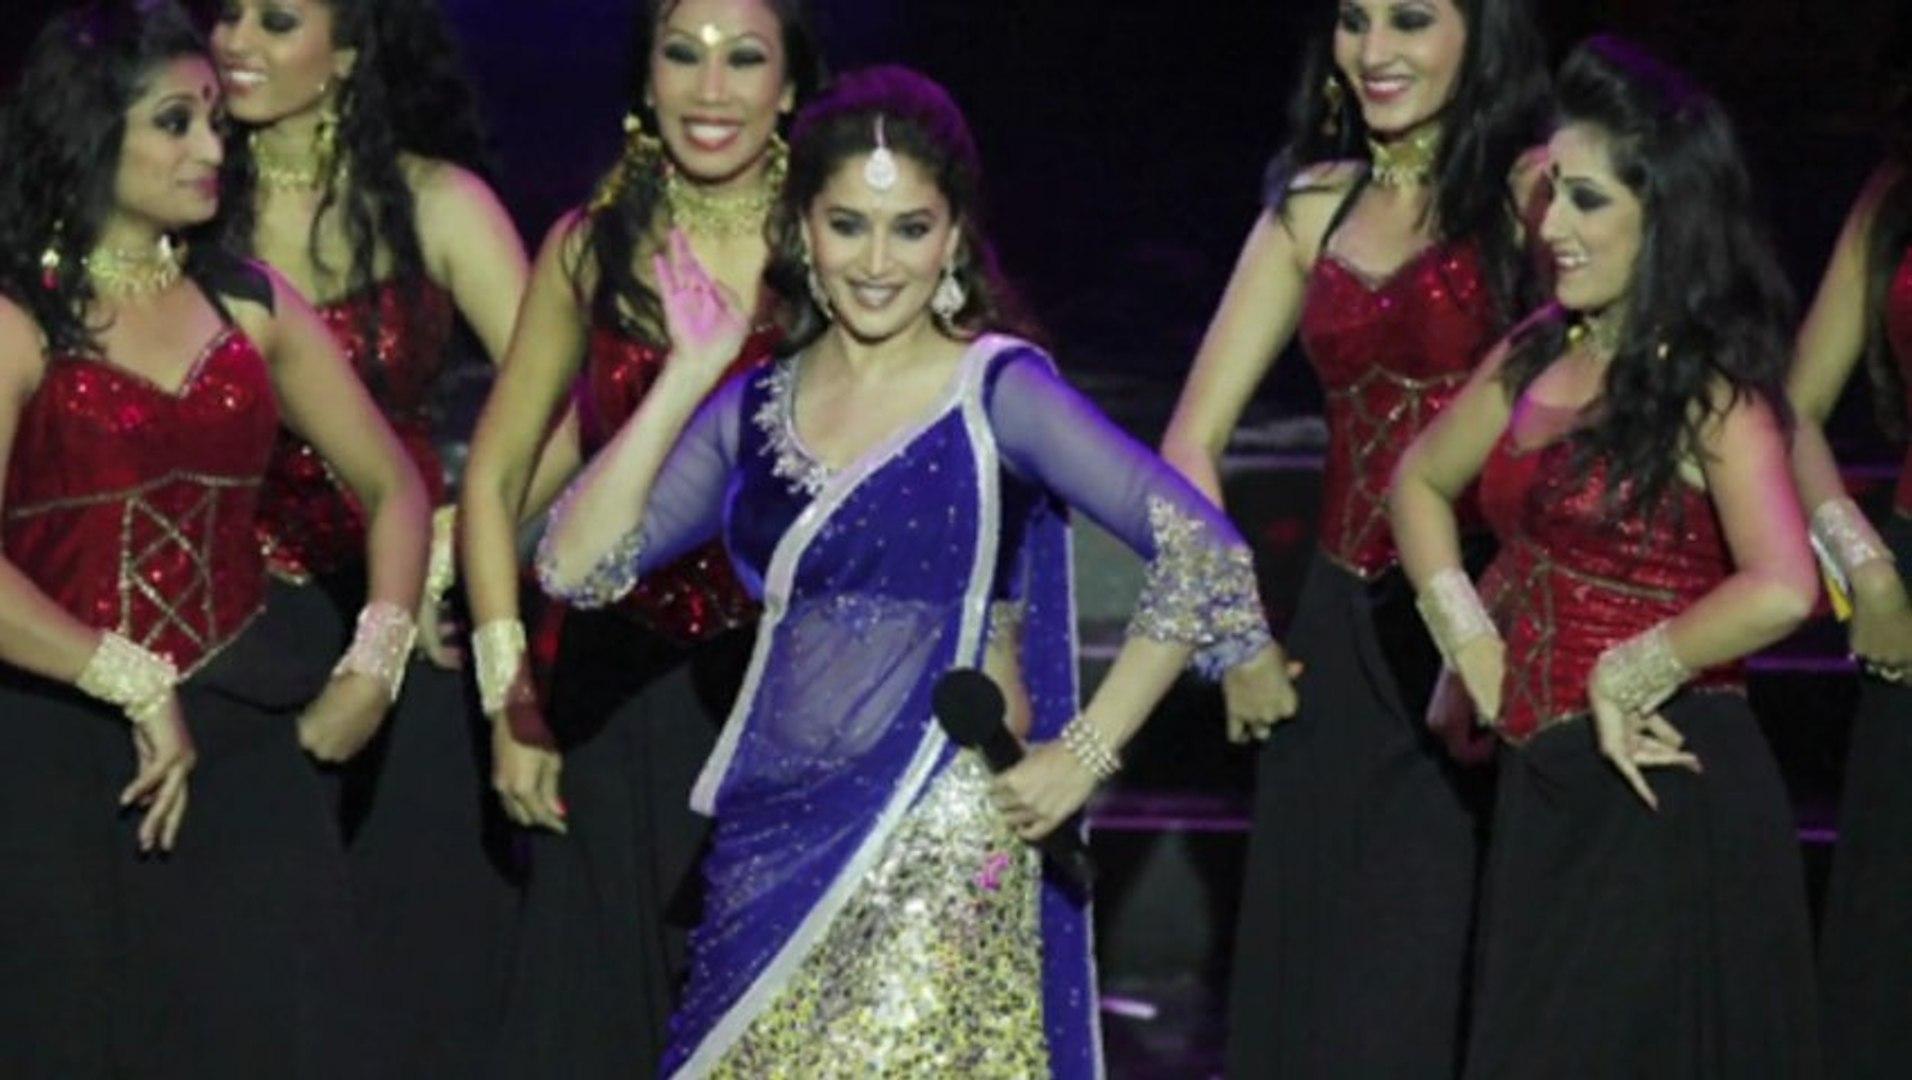 Madhuri Dixit Dance Performance At IIFA 2013 #IIFA 2013